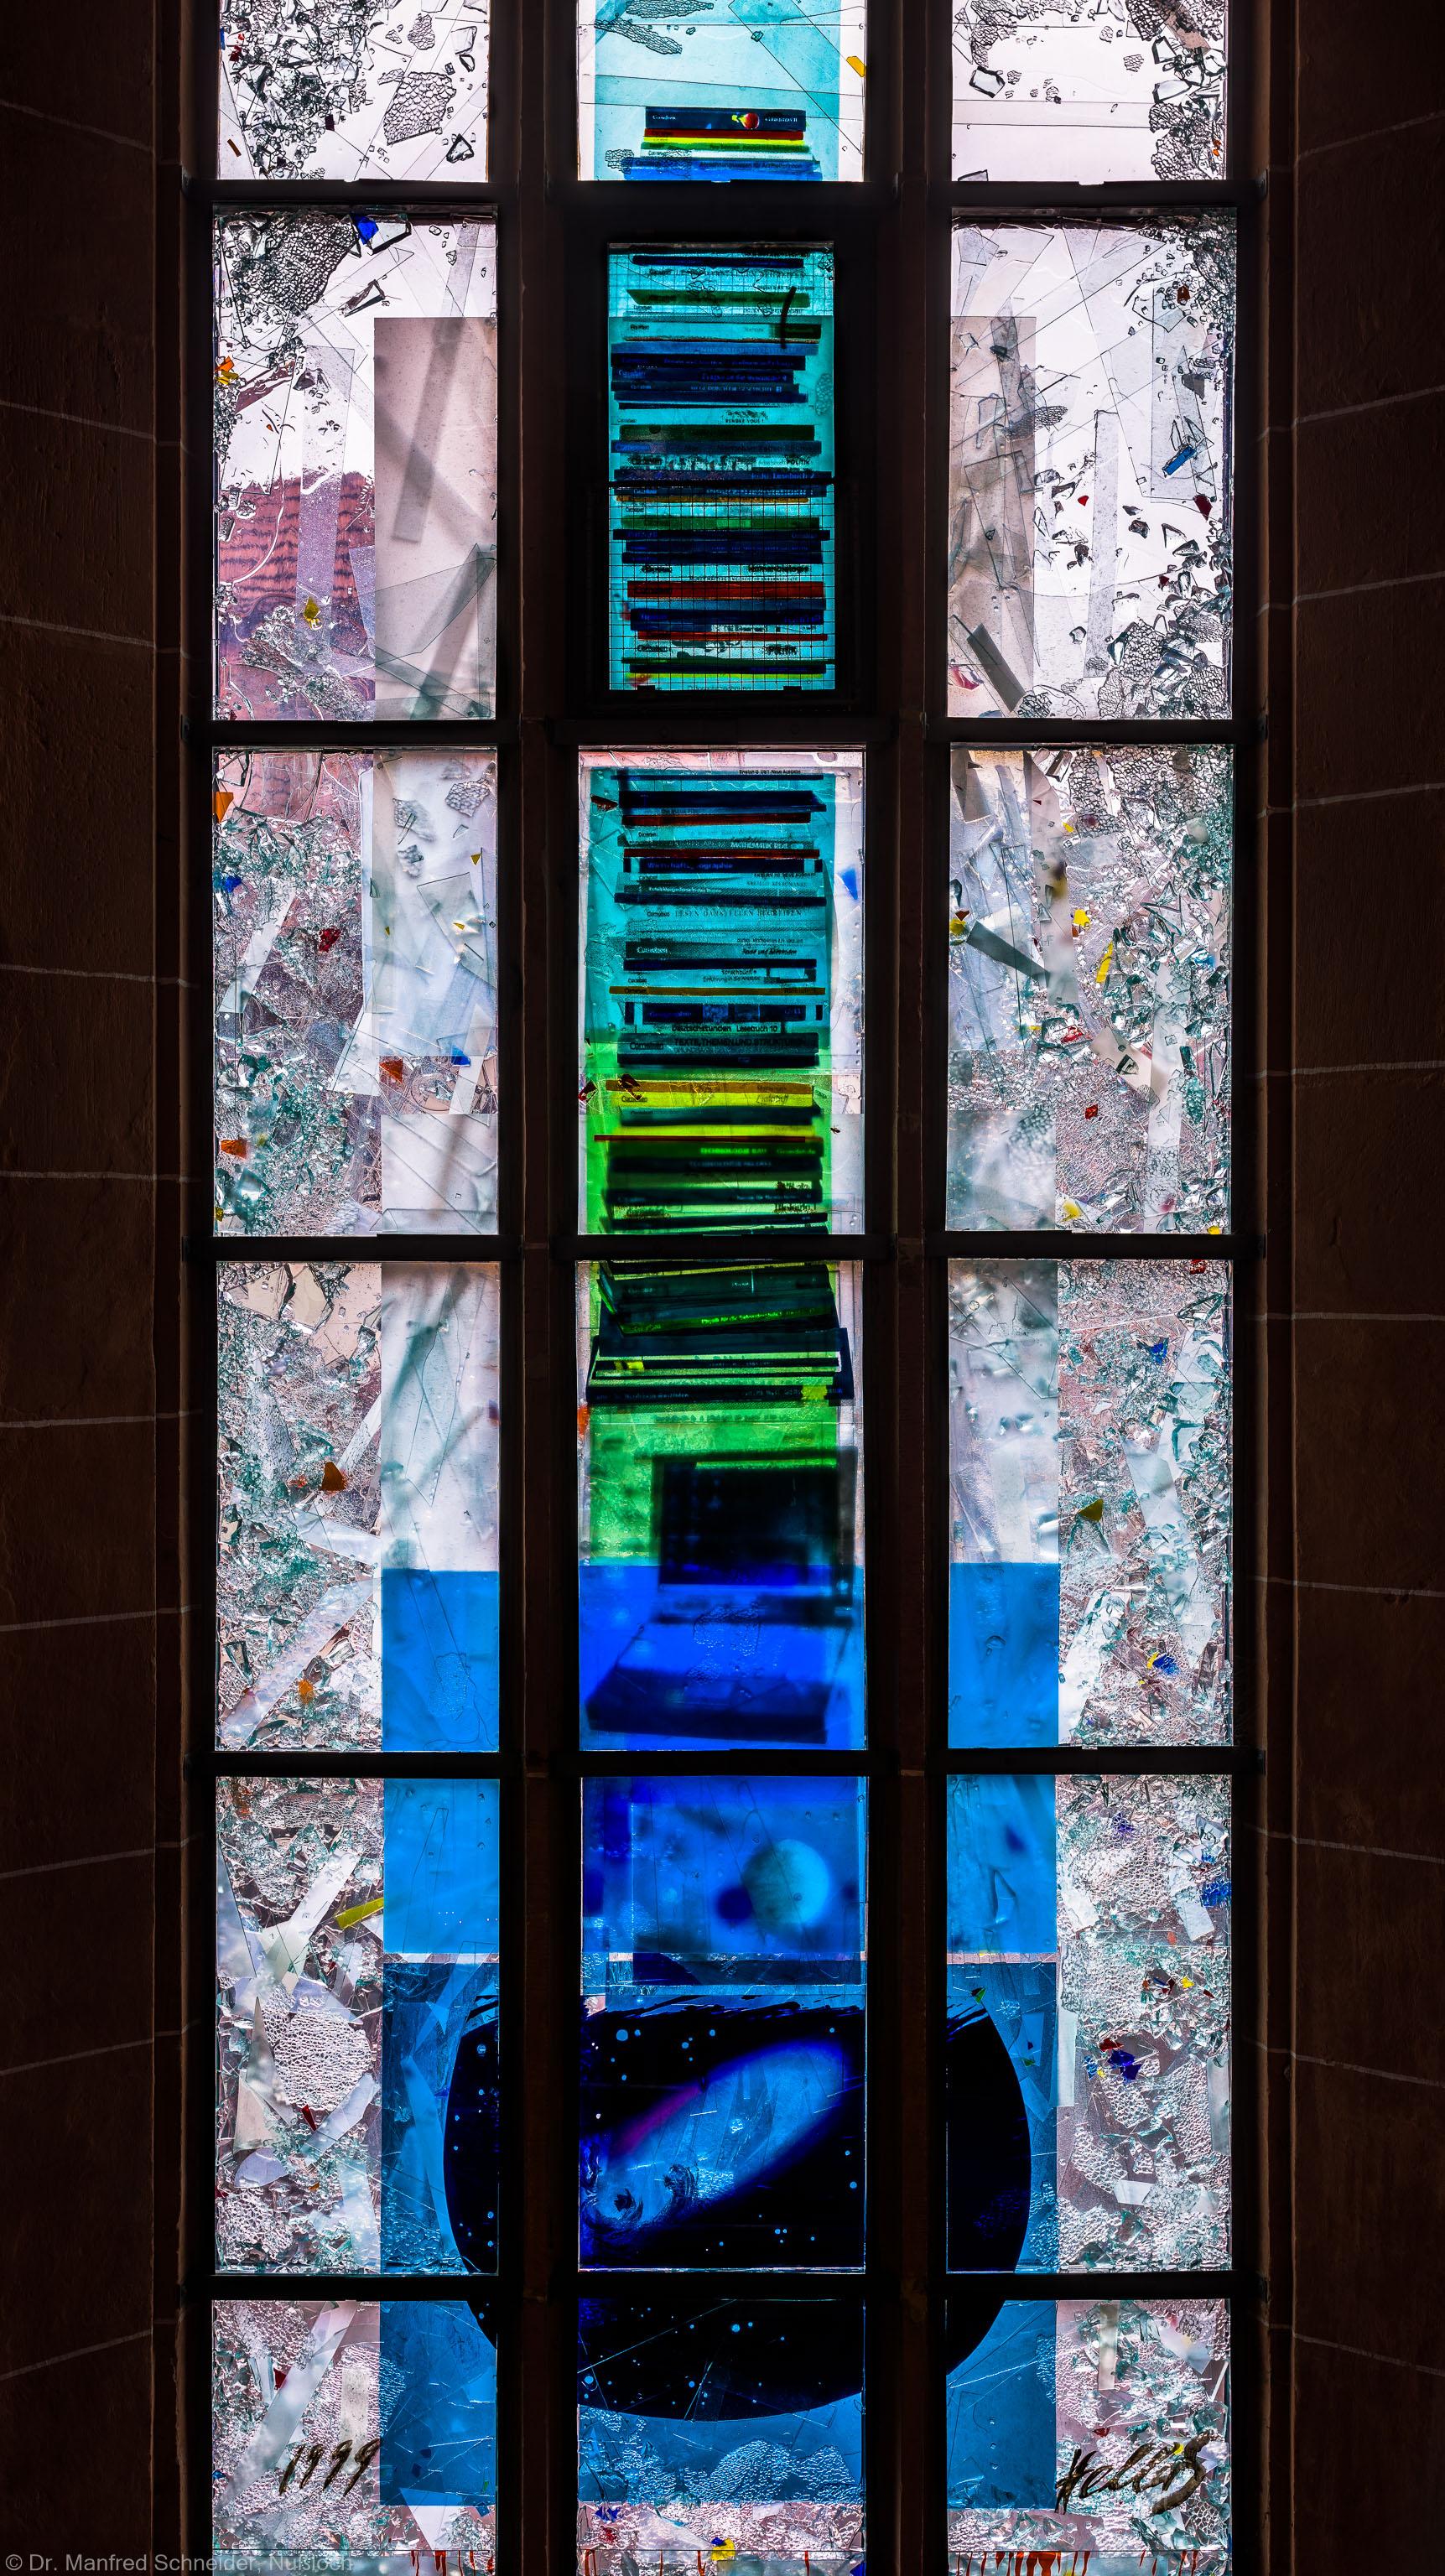 """Heidelberg - Heiliggeistkirche - Nordschiff - 4. Joch, von Westen aus gezählt - Ausschnitt aus dem Fenster """"Schöpfungsgeschichte - Der Weltkreis ist voll vom Geiste Gottes"""" von Hella De Santarossa (aufgenommen im Oktober 2015, um die Mittagszeit)"""